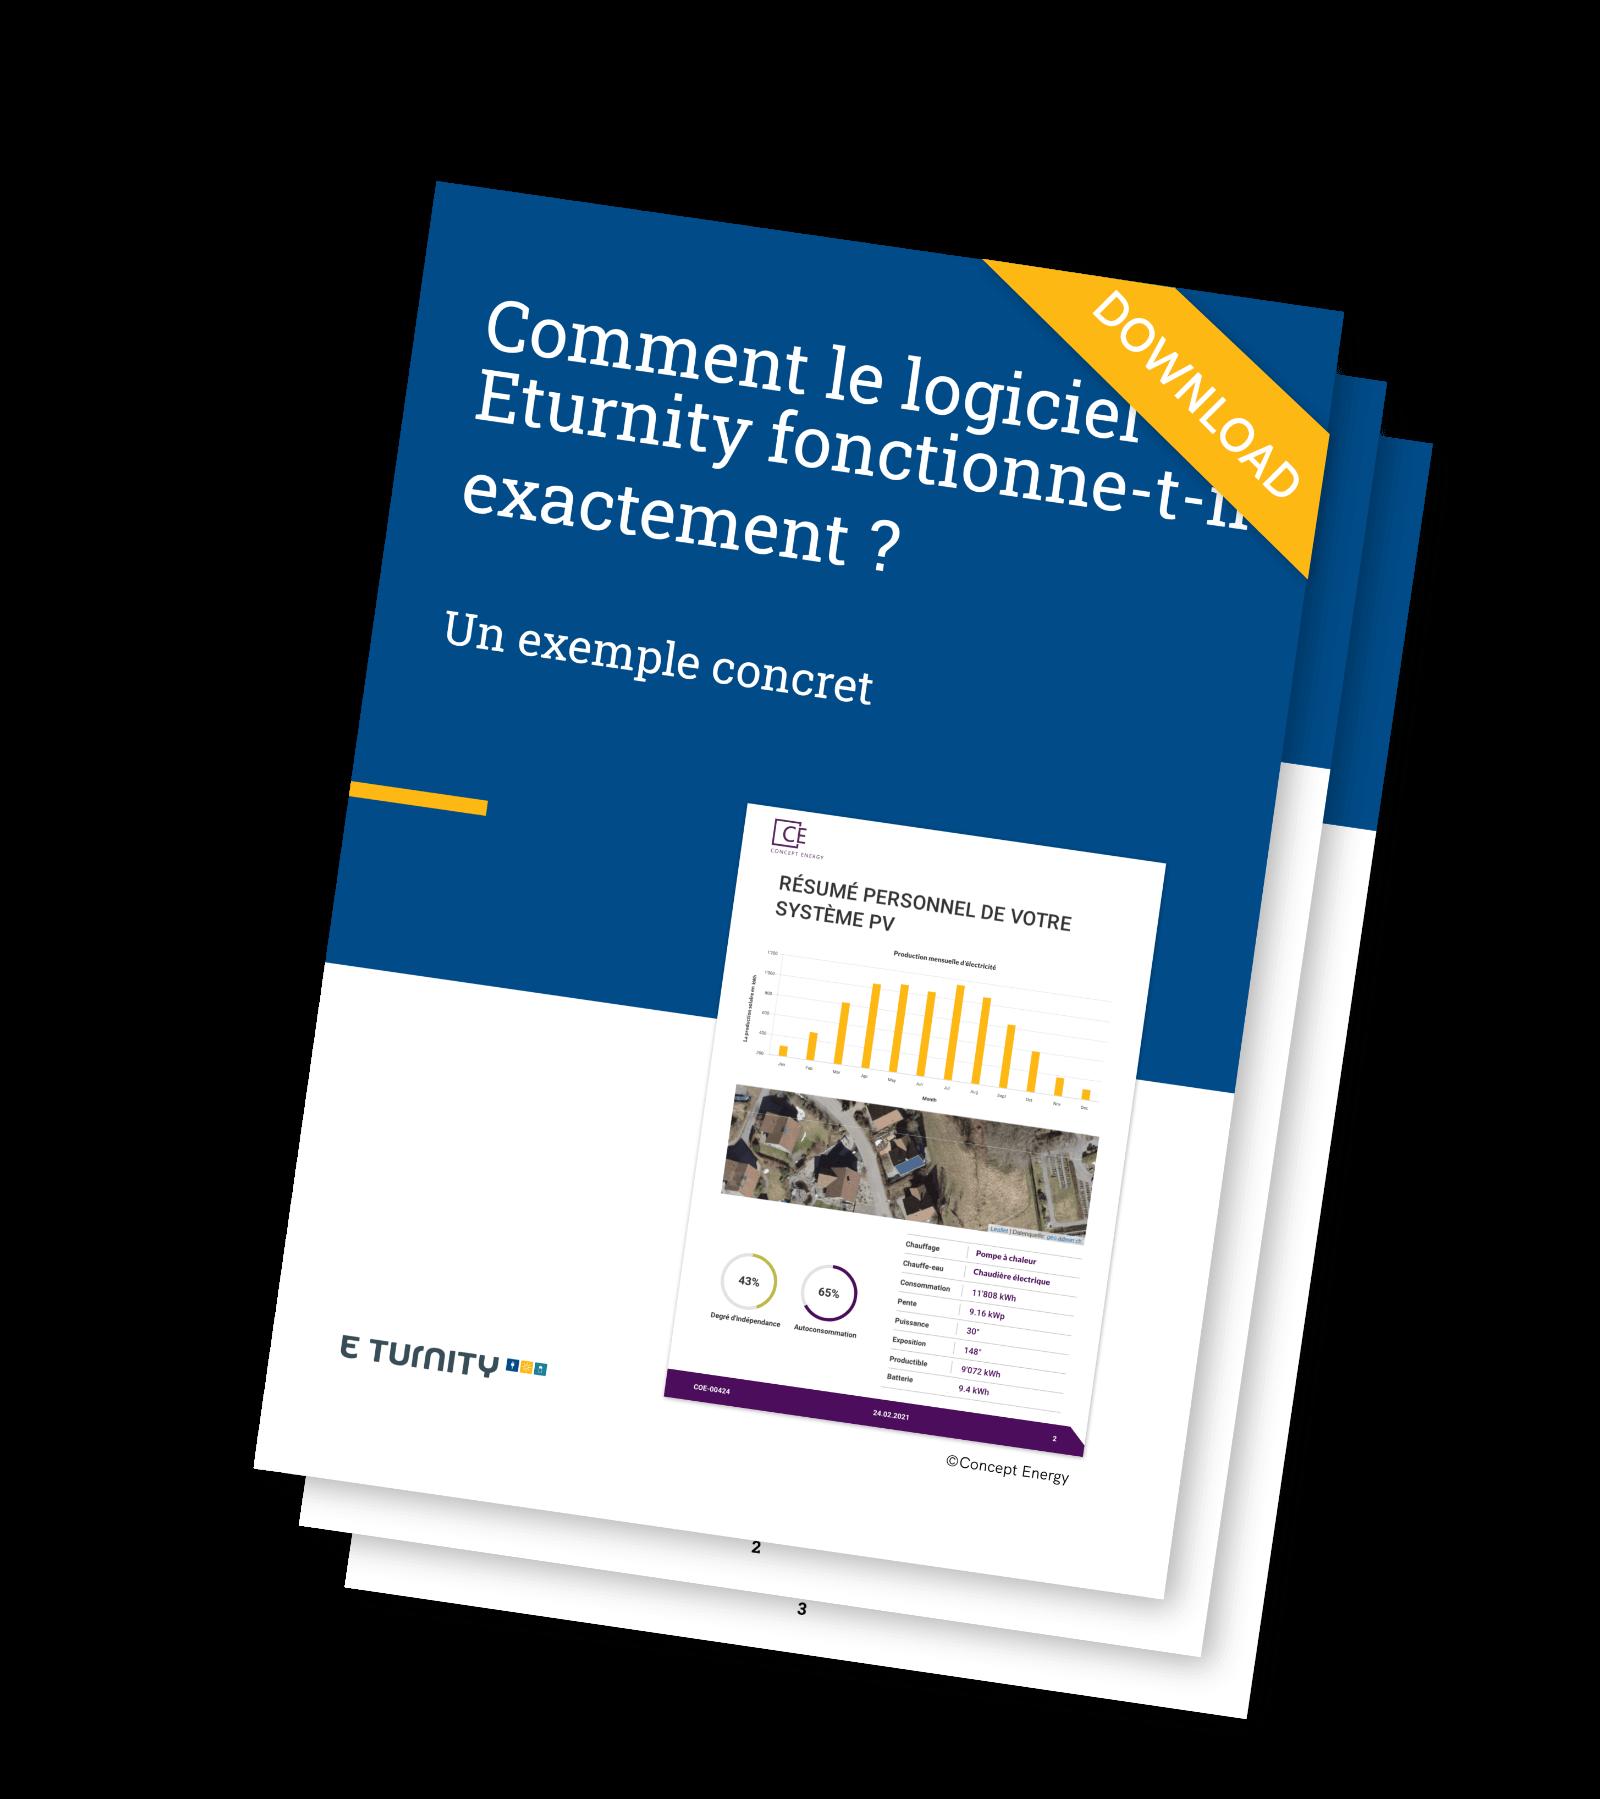 couverture-pdf-comment-fonctionne-exactement-le-logiciel-eturnity